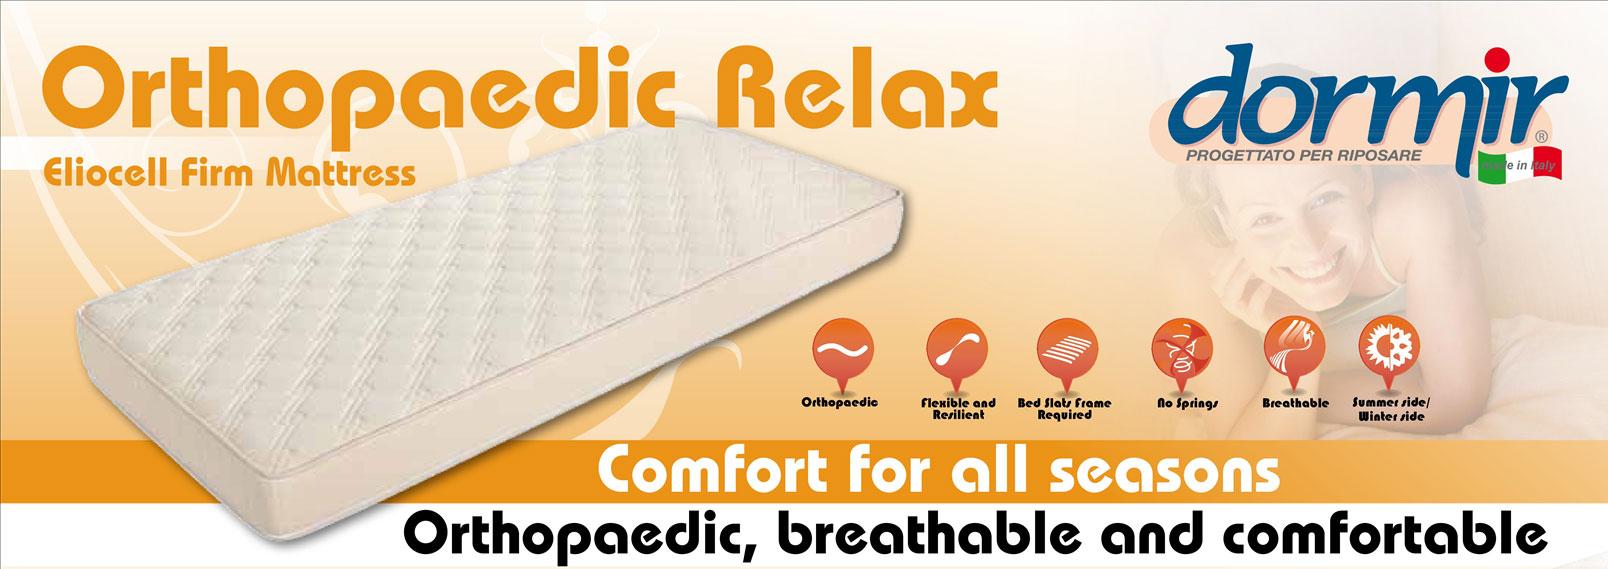 матрас ORTHOPEADIC RELAX Ортопедический эффект, комфорт и терморегуляция